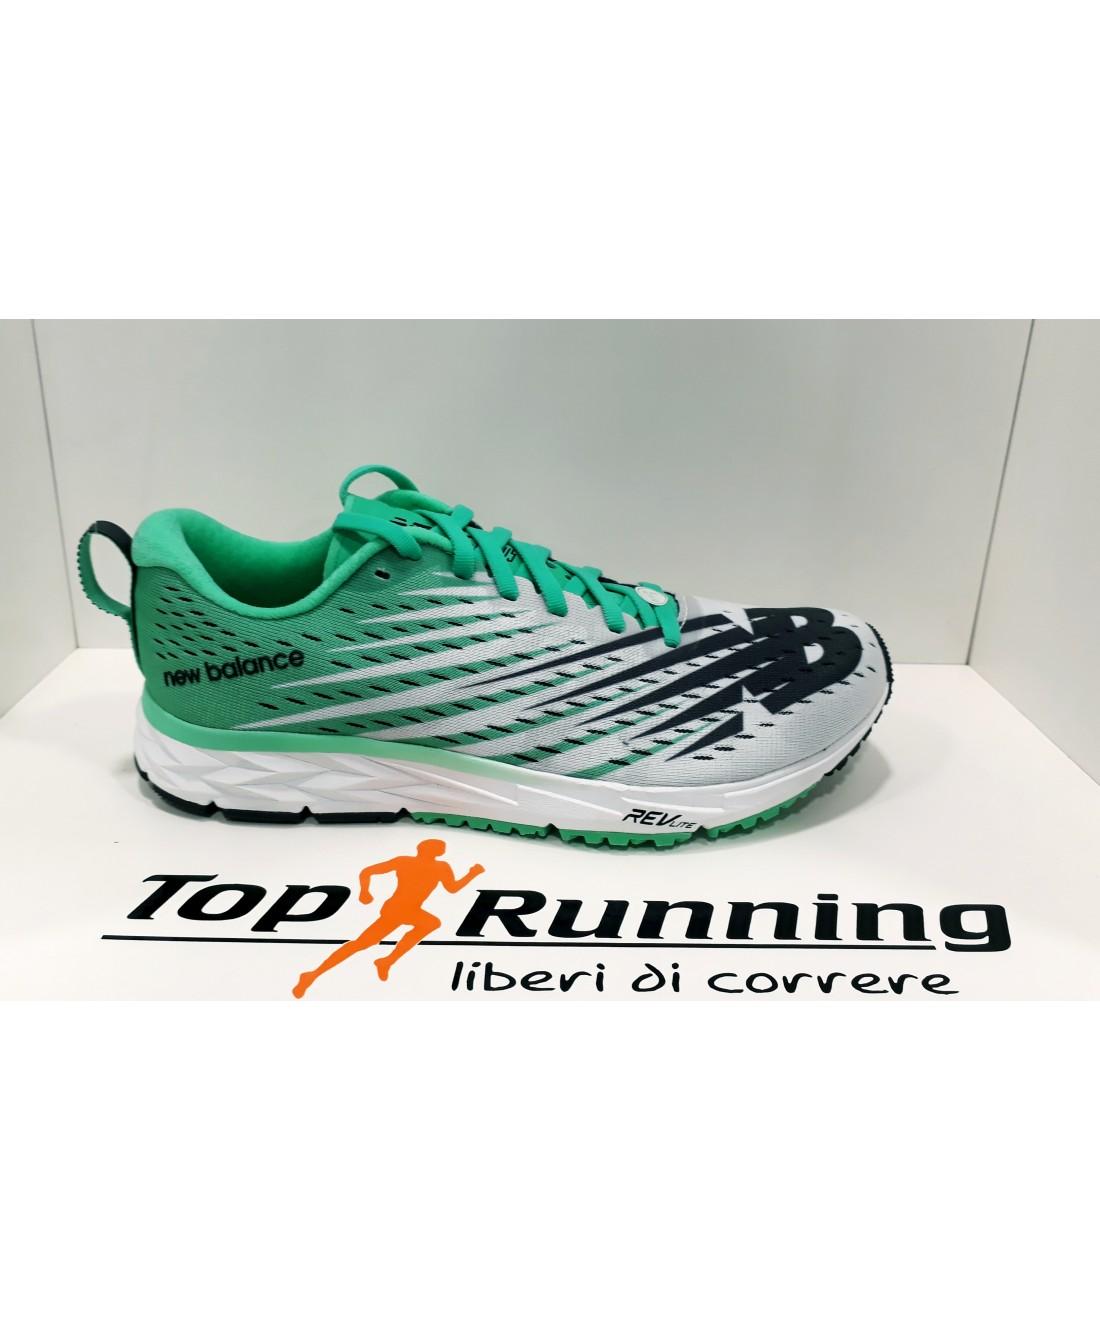 new balance 1500 uomo running